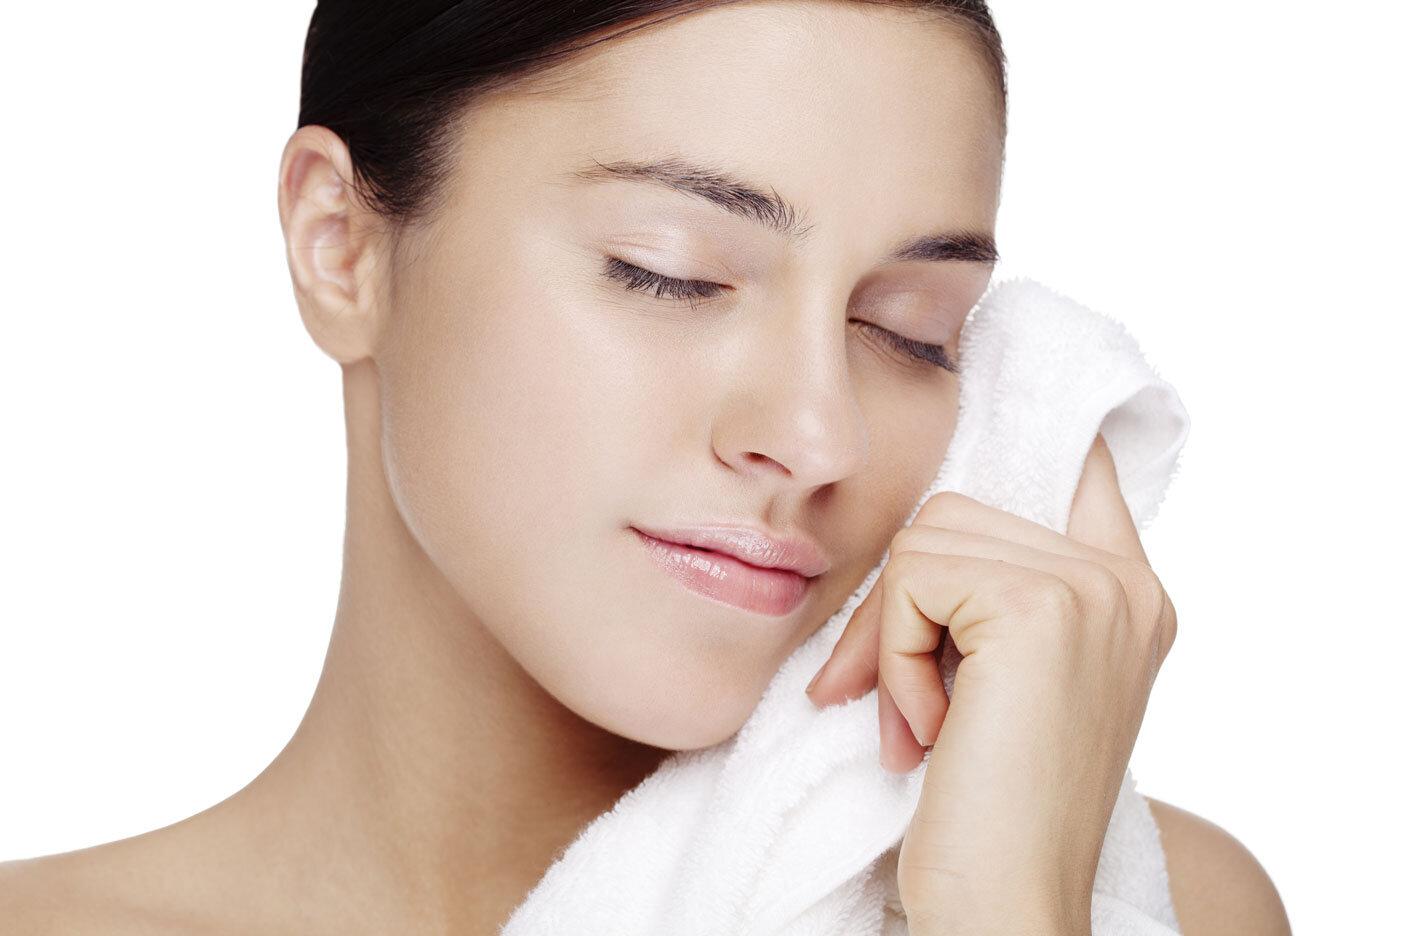 Dùng khăn hoặc bông tẩy trang lau nhẹ nhàng trên bề mặt da